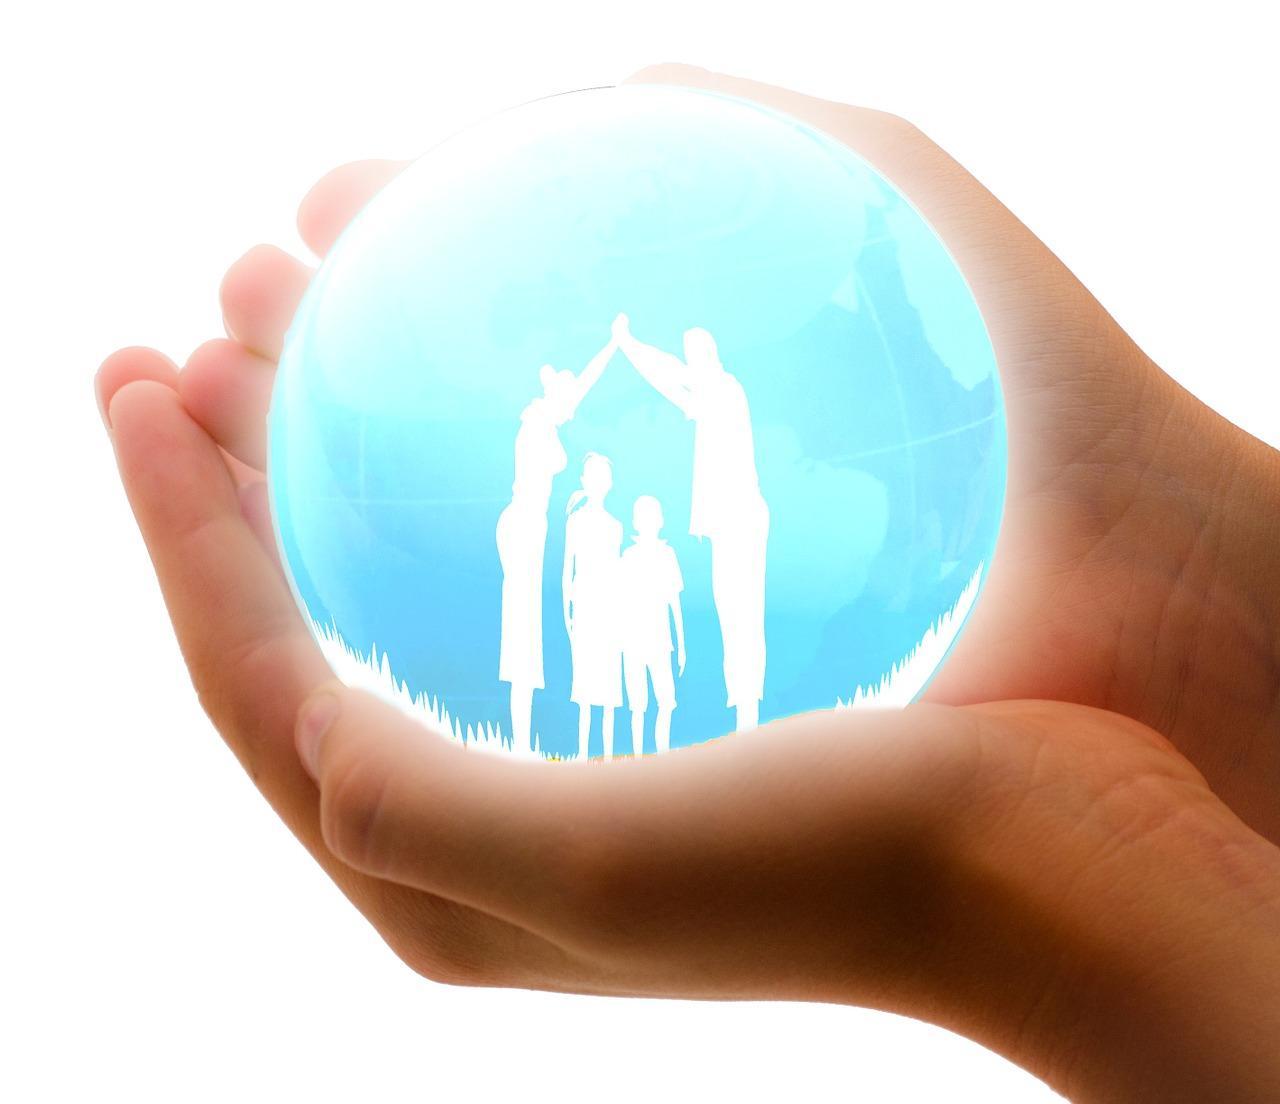 uploads///family insurance _